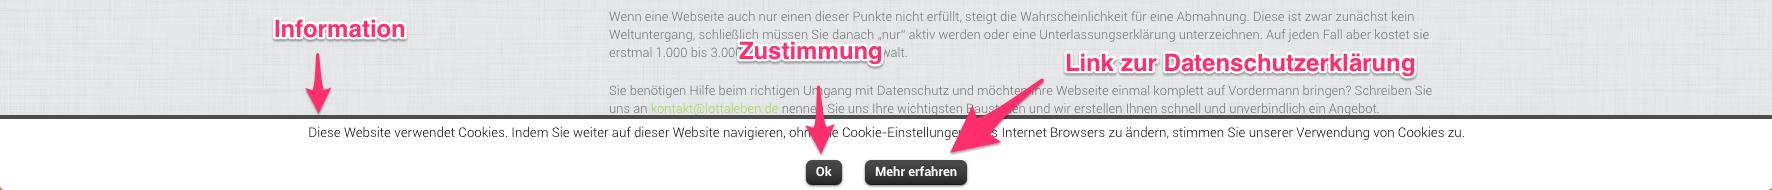 Auch wenn sie nerven: Pop-Ups sind derzeit die rechtssicherste Variante, die EU-Richtlinien für Cookies umzusetzen.